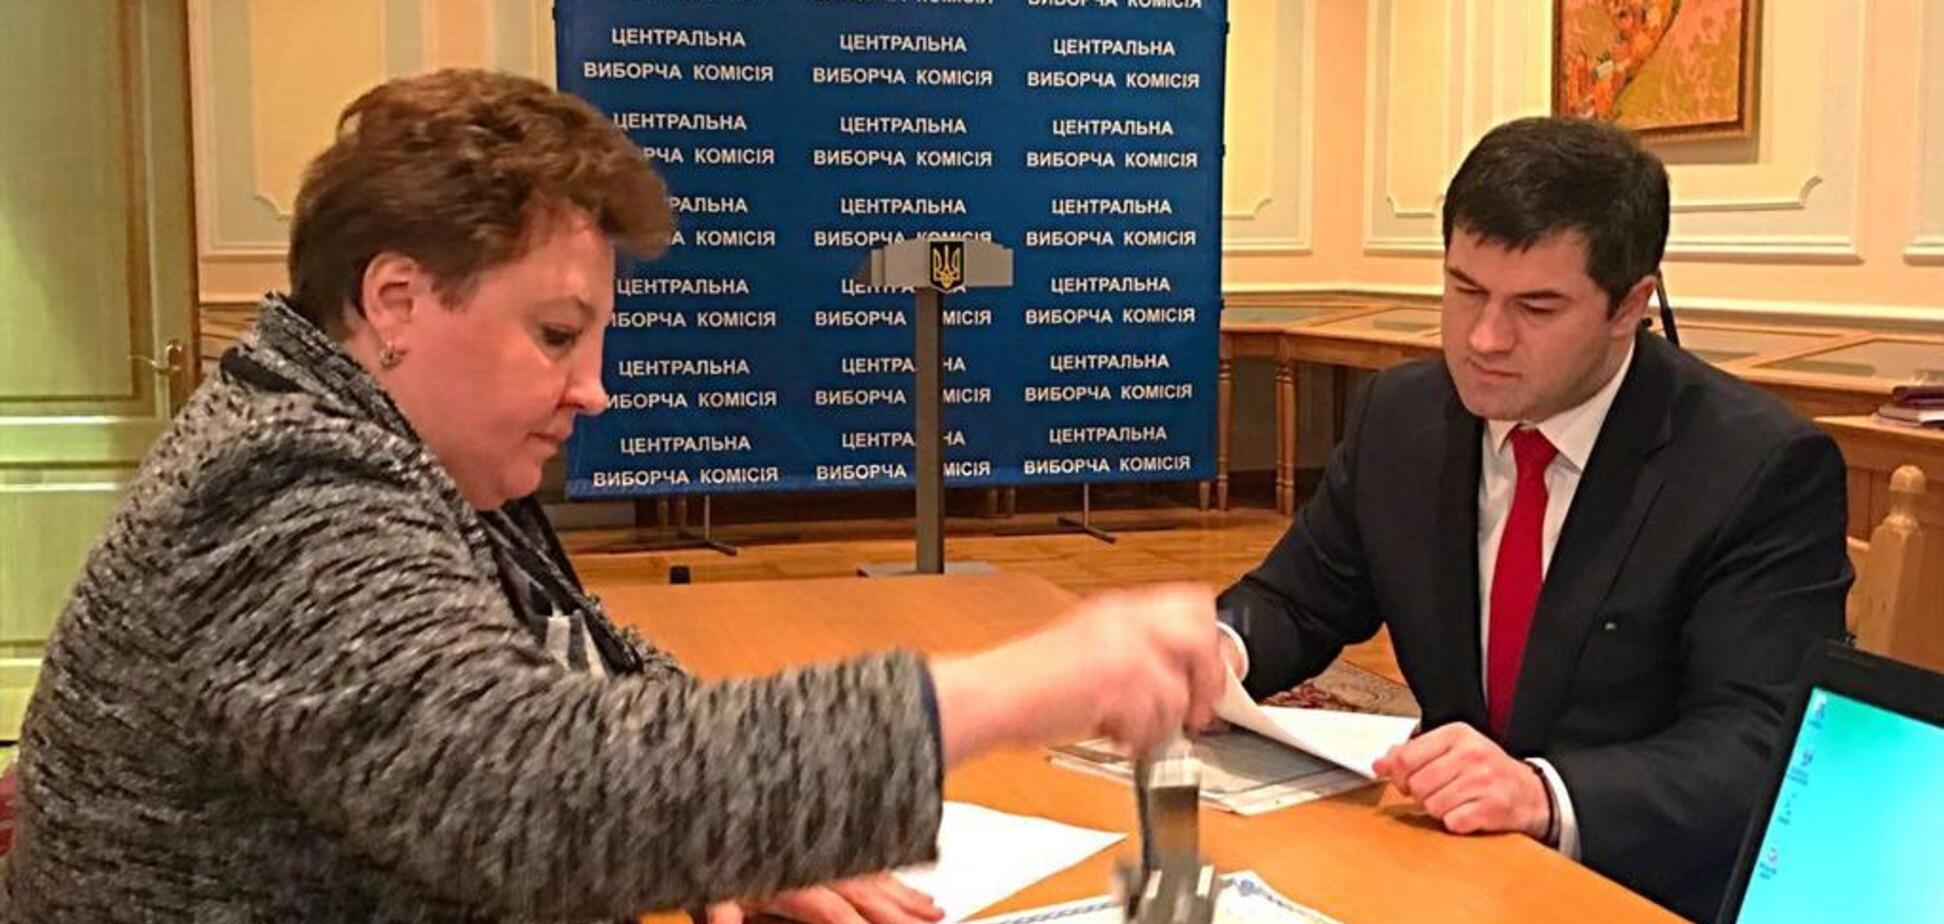 Насіров подав до ЦВК документи для участі у виборах президента